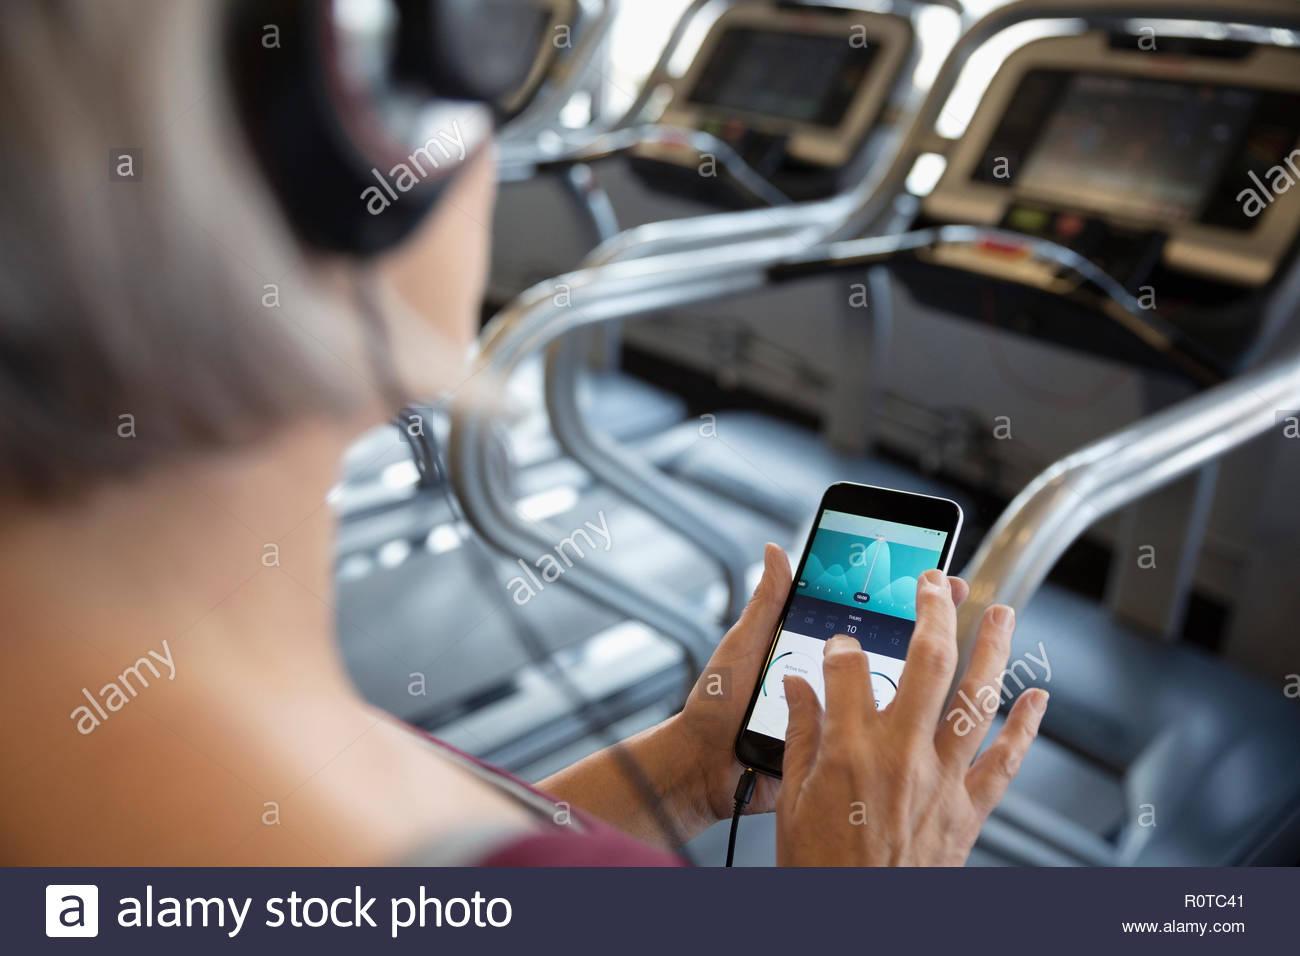 Donna controllo tracker fitness su smart phone al tapis roulant in palestra Immagini Stock